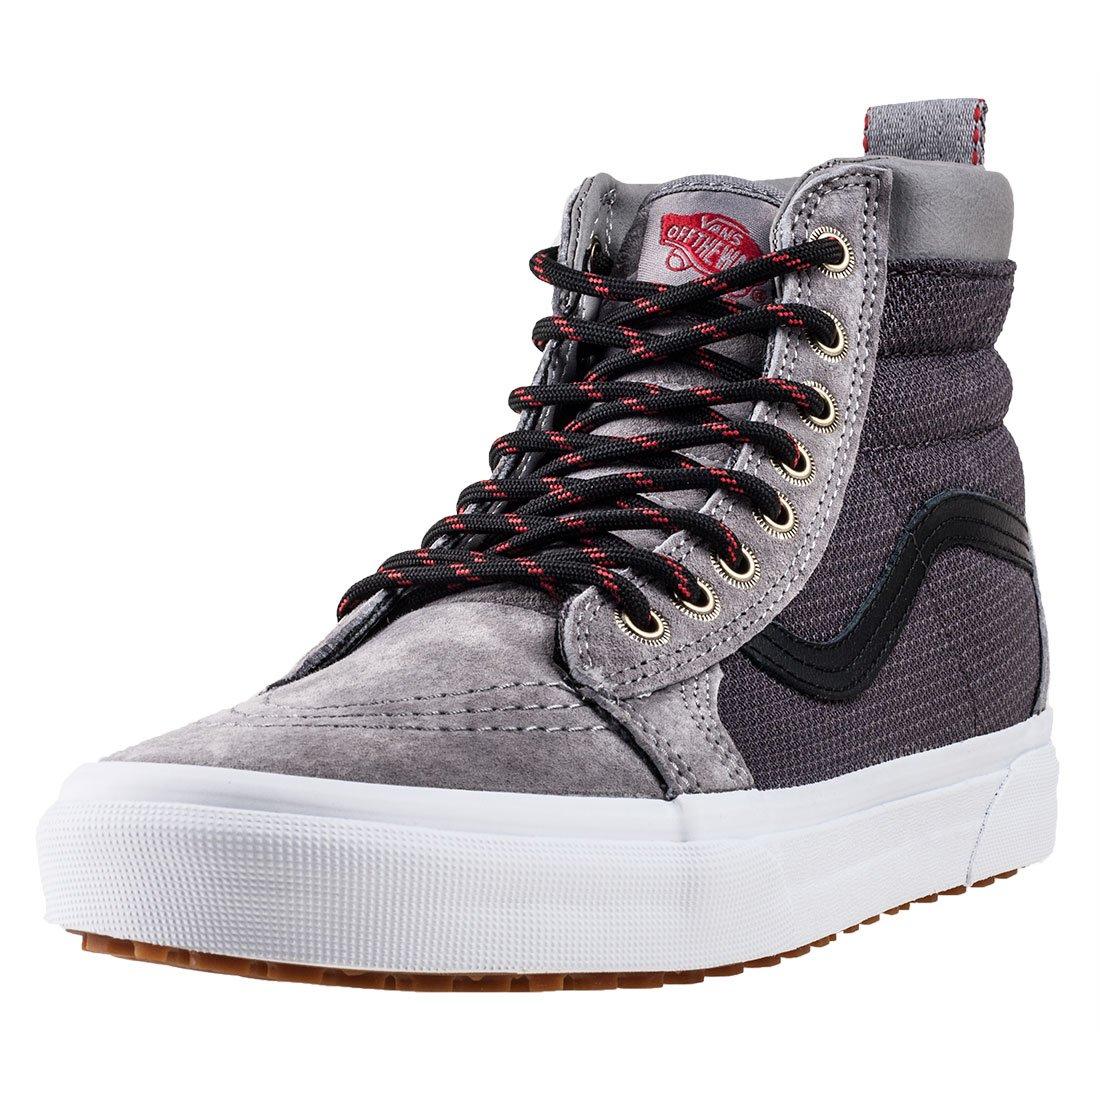 2e1e355cde Vans Sk8 Hi MTE Mens Trainers Grey - 8 UK  Amazon.co.uk  Shoes   Bags